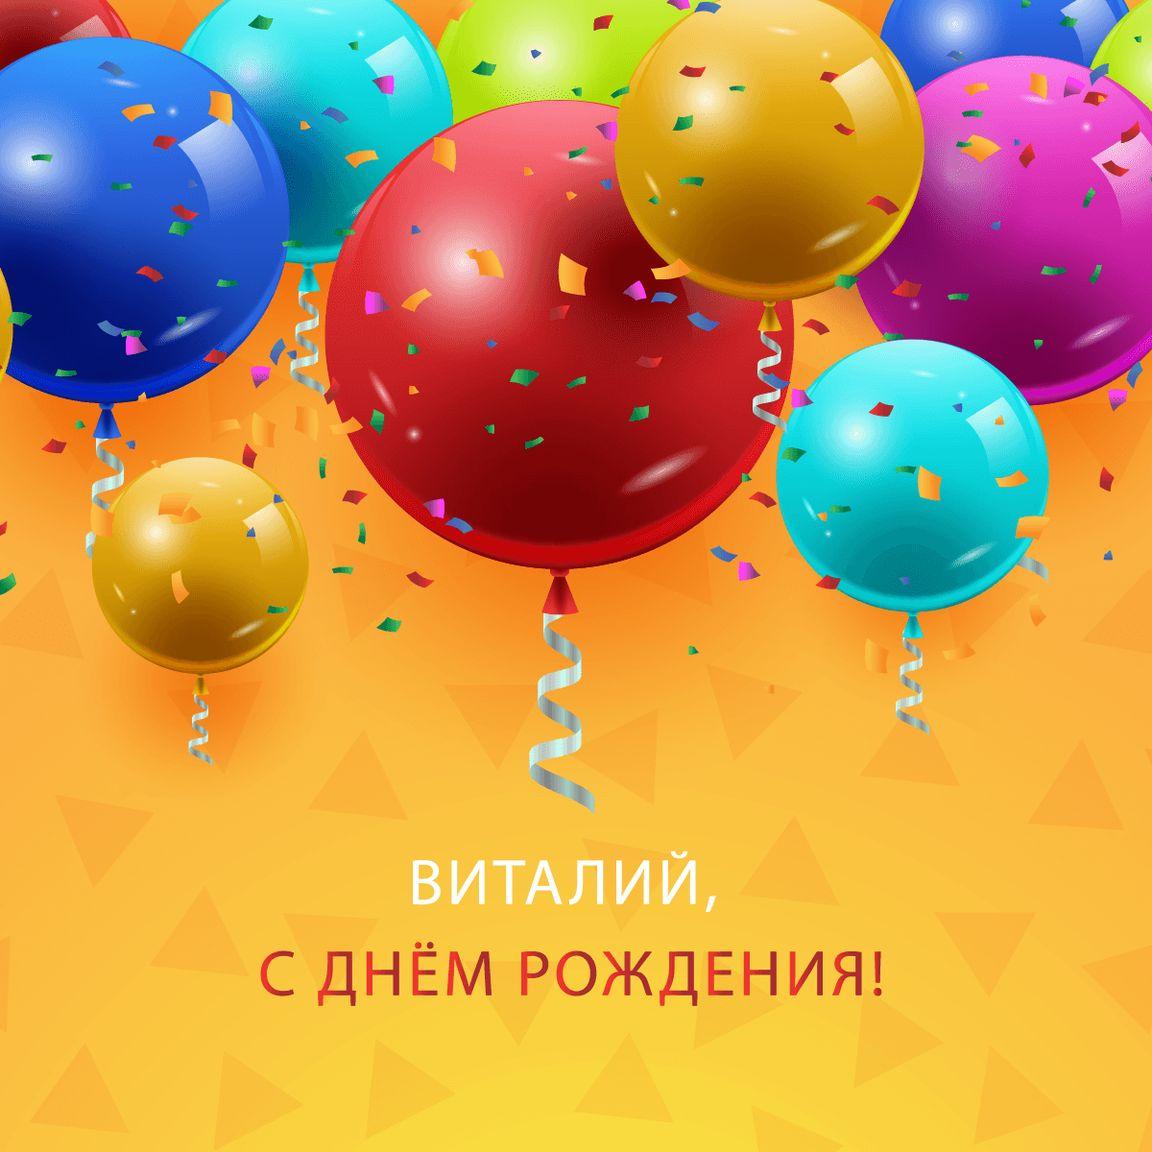 Фото с днем рождения виталий